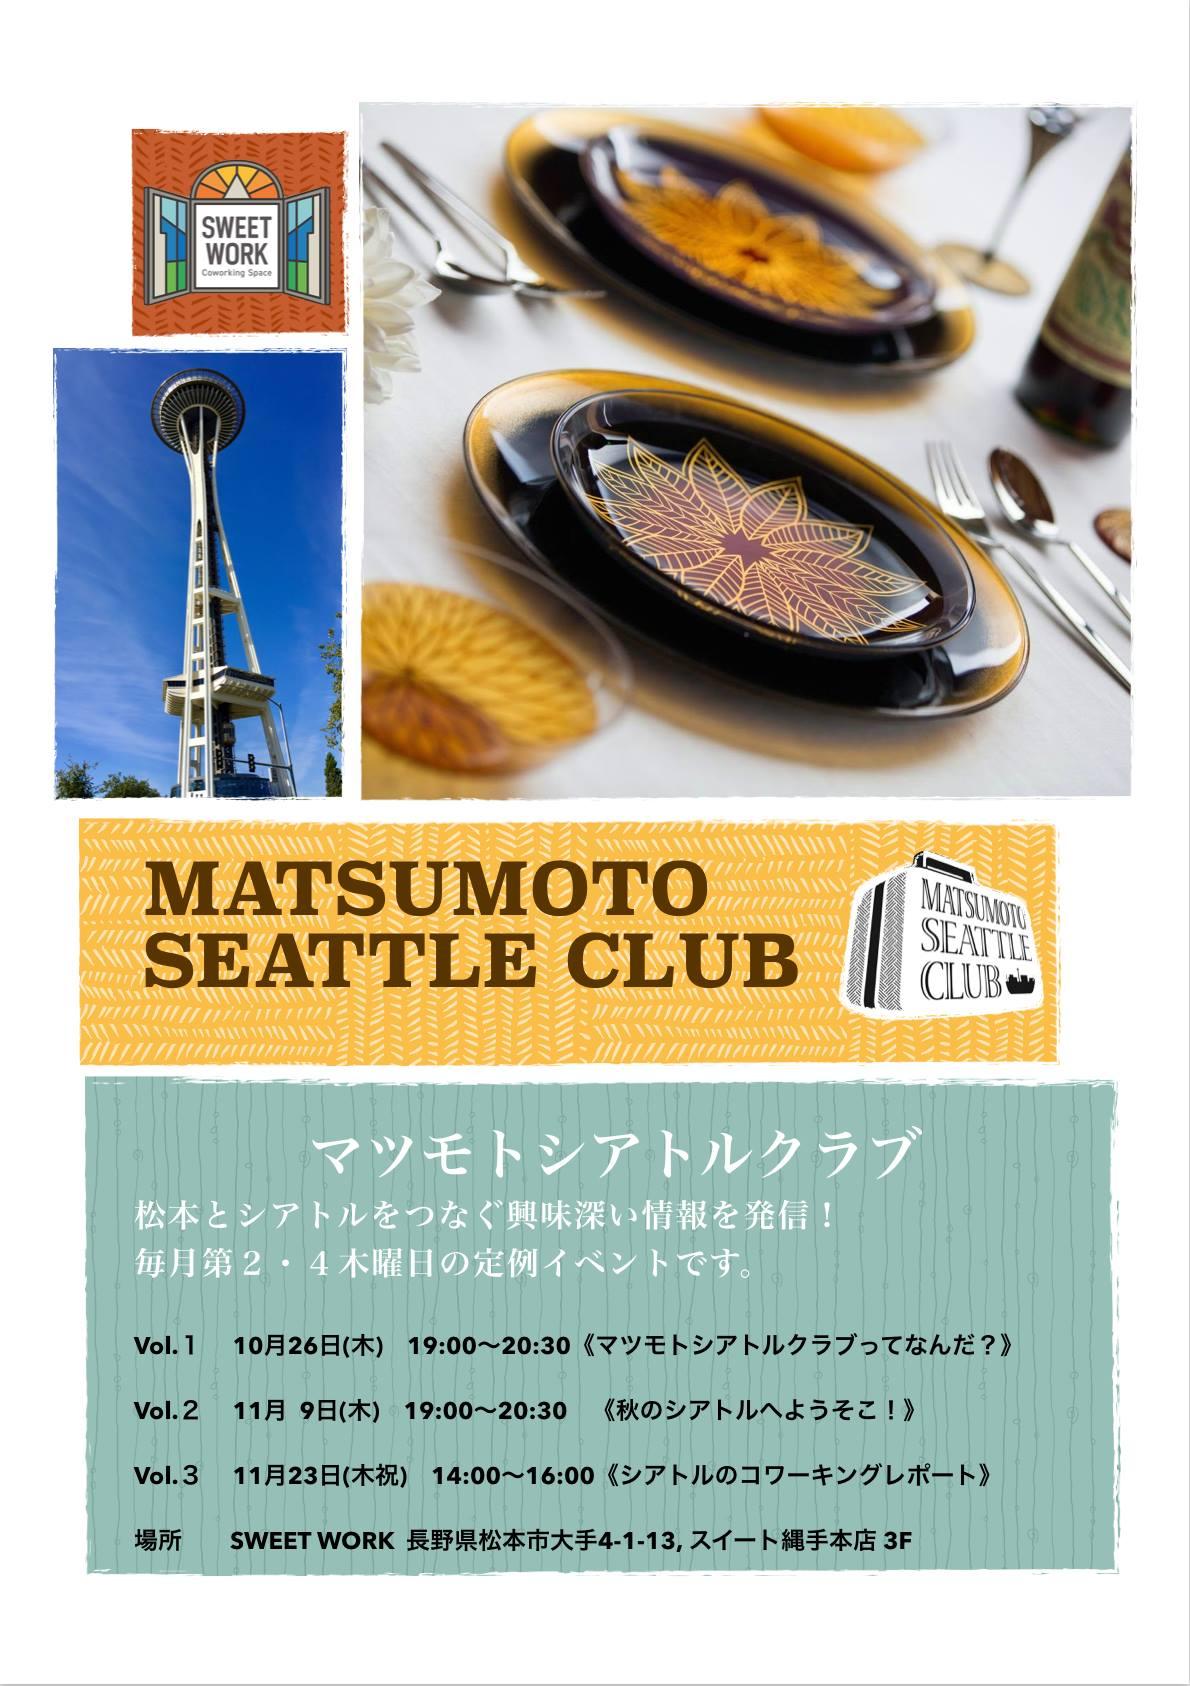 MatsumotoSeattleClubposter